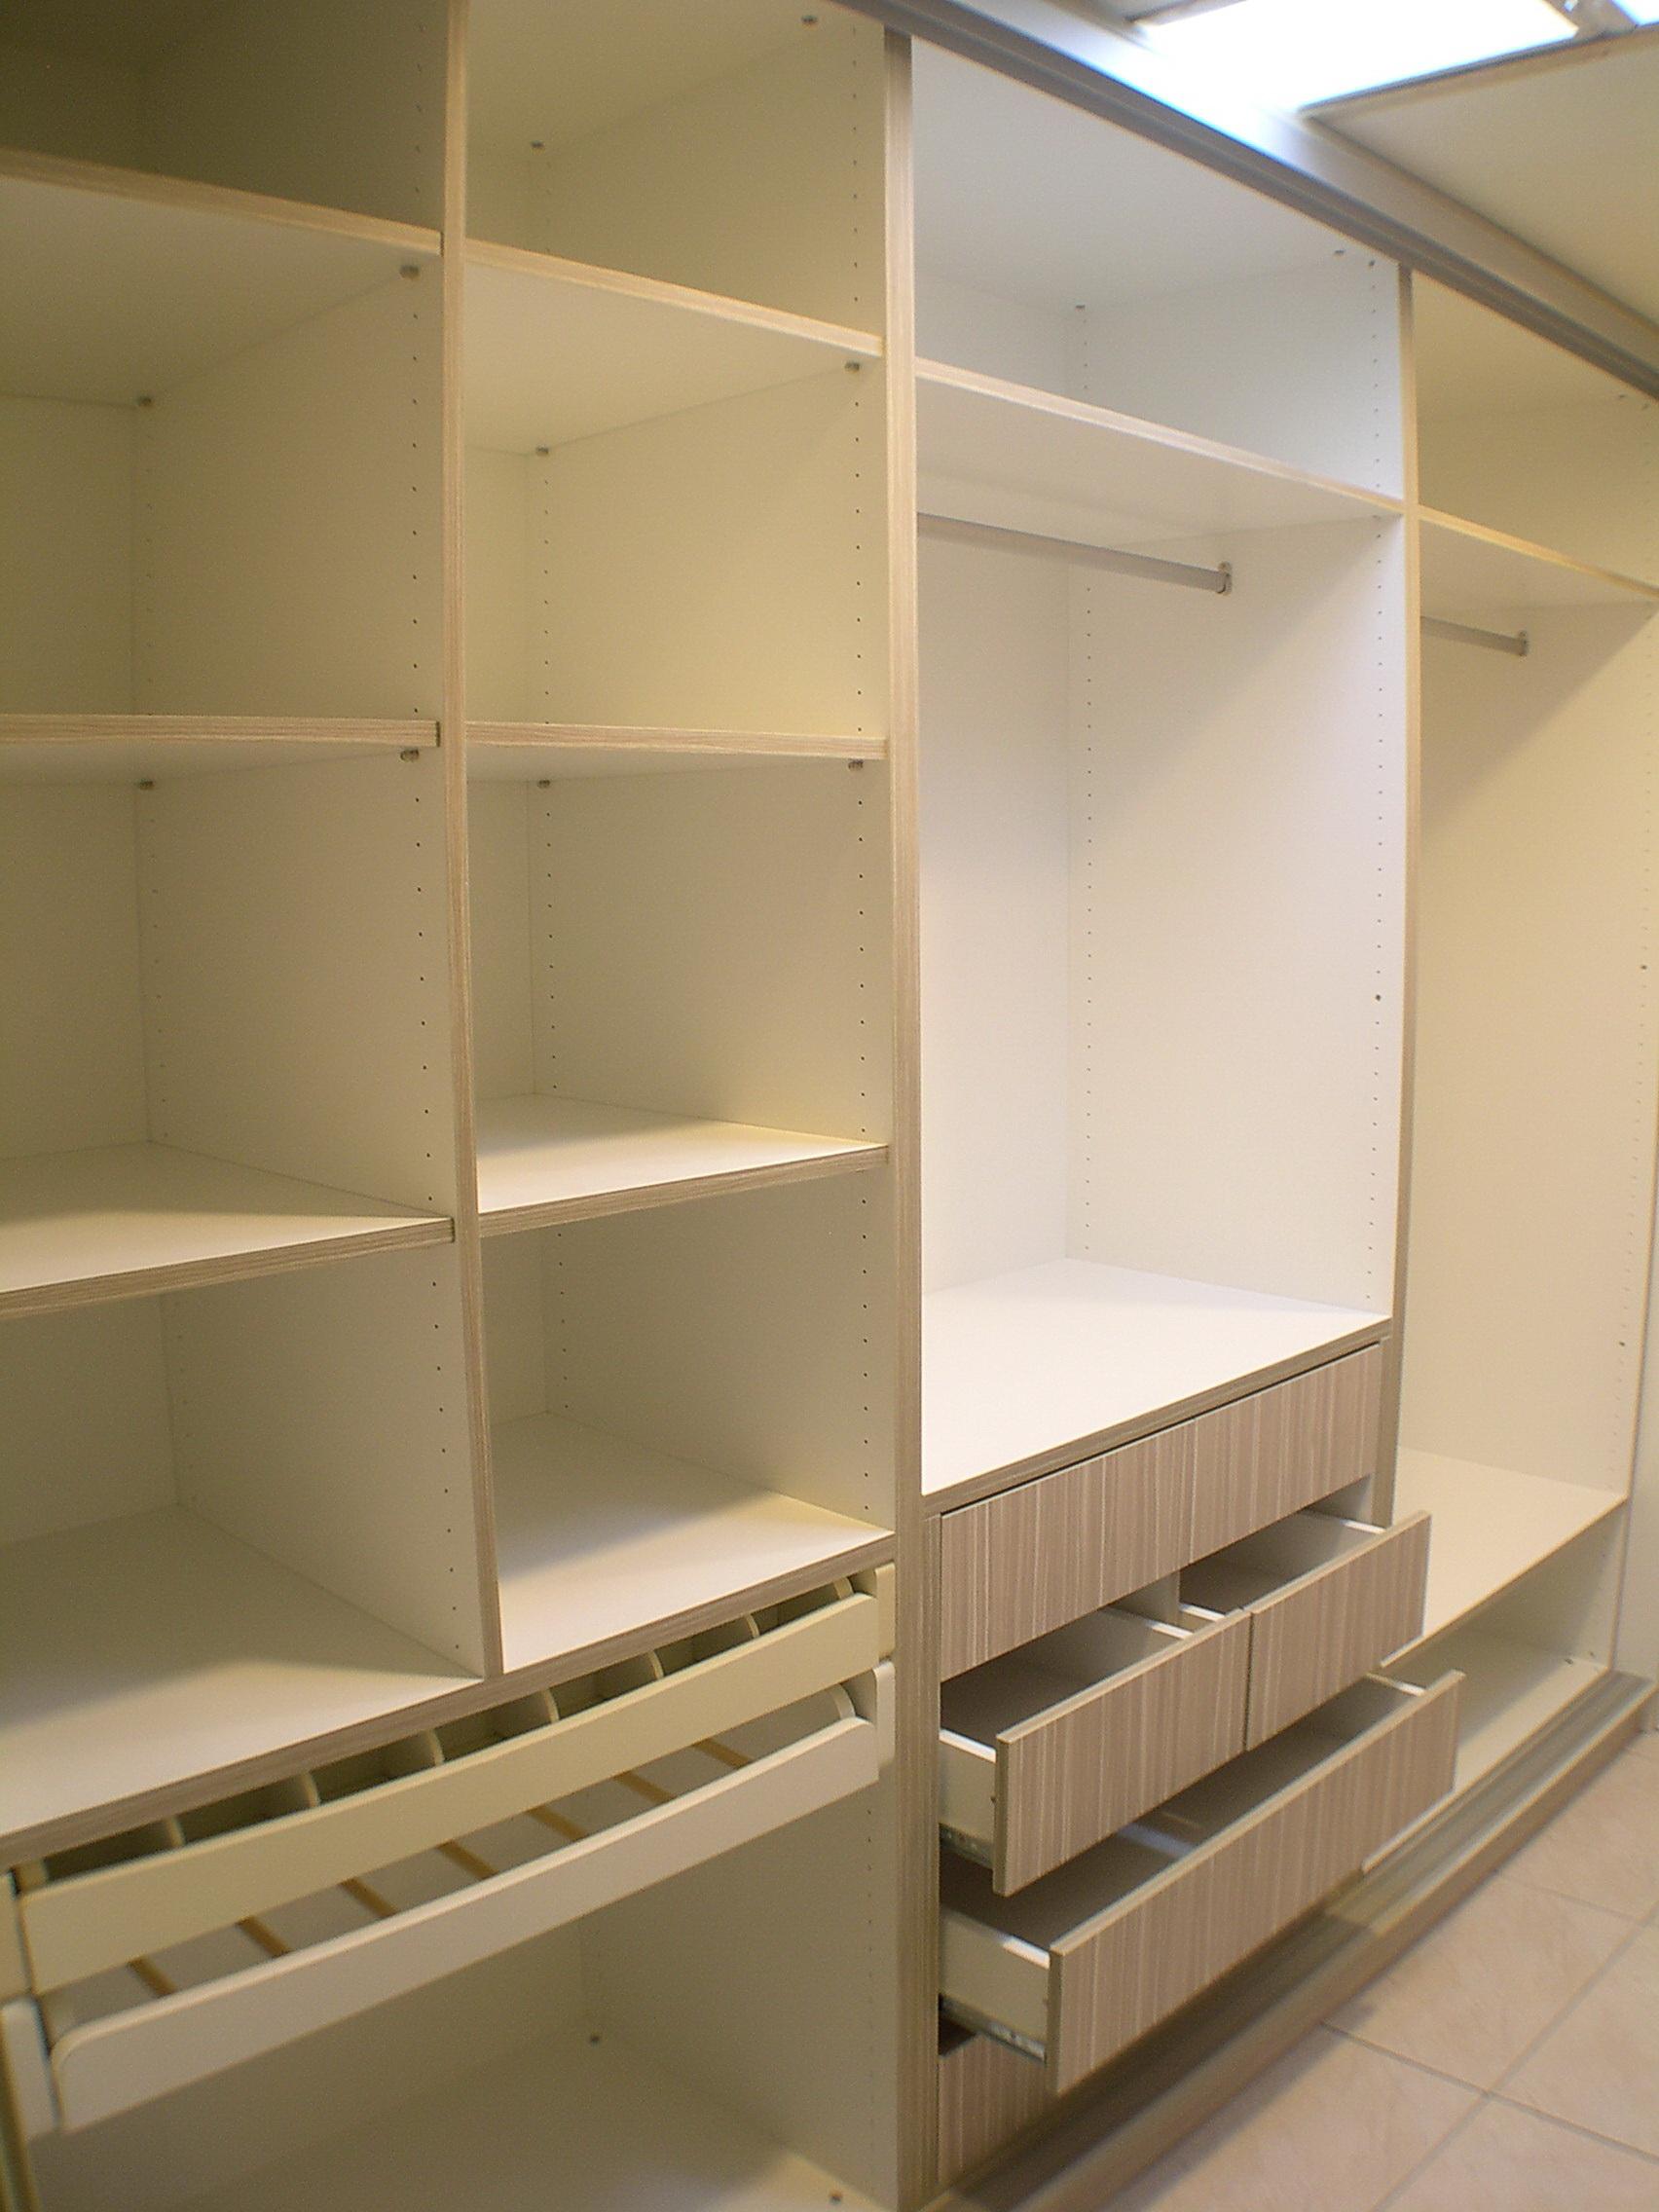 衣橱,衣柜,更衣间